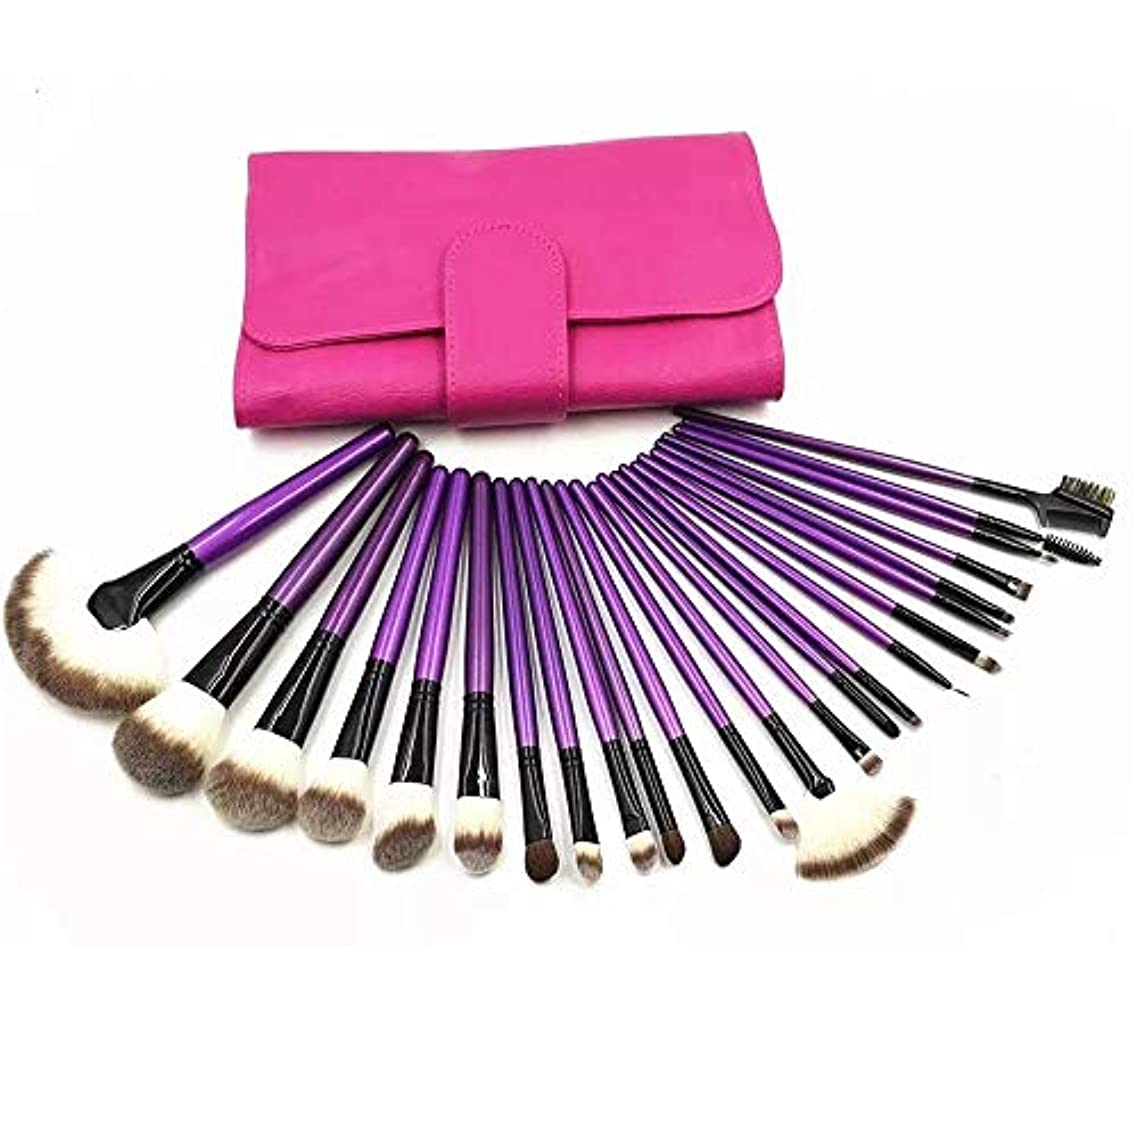 主人発掘するアリスCHANGYUXINTAI-HUAZHUANGSHUA あなたのニーズを満たすために、保護カバー付き24プロのメイクアップブラシ (Color : Purple)